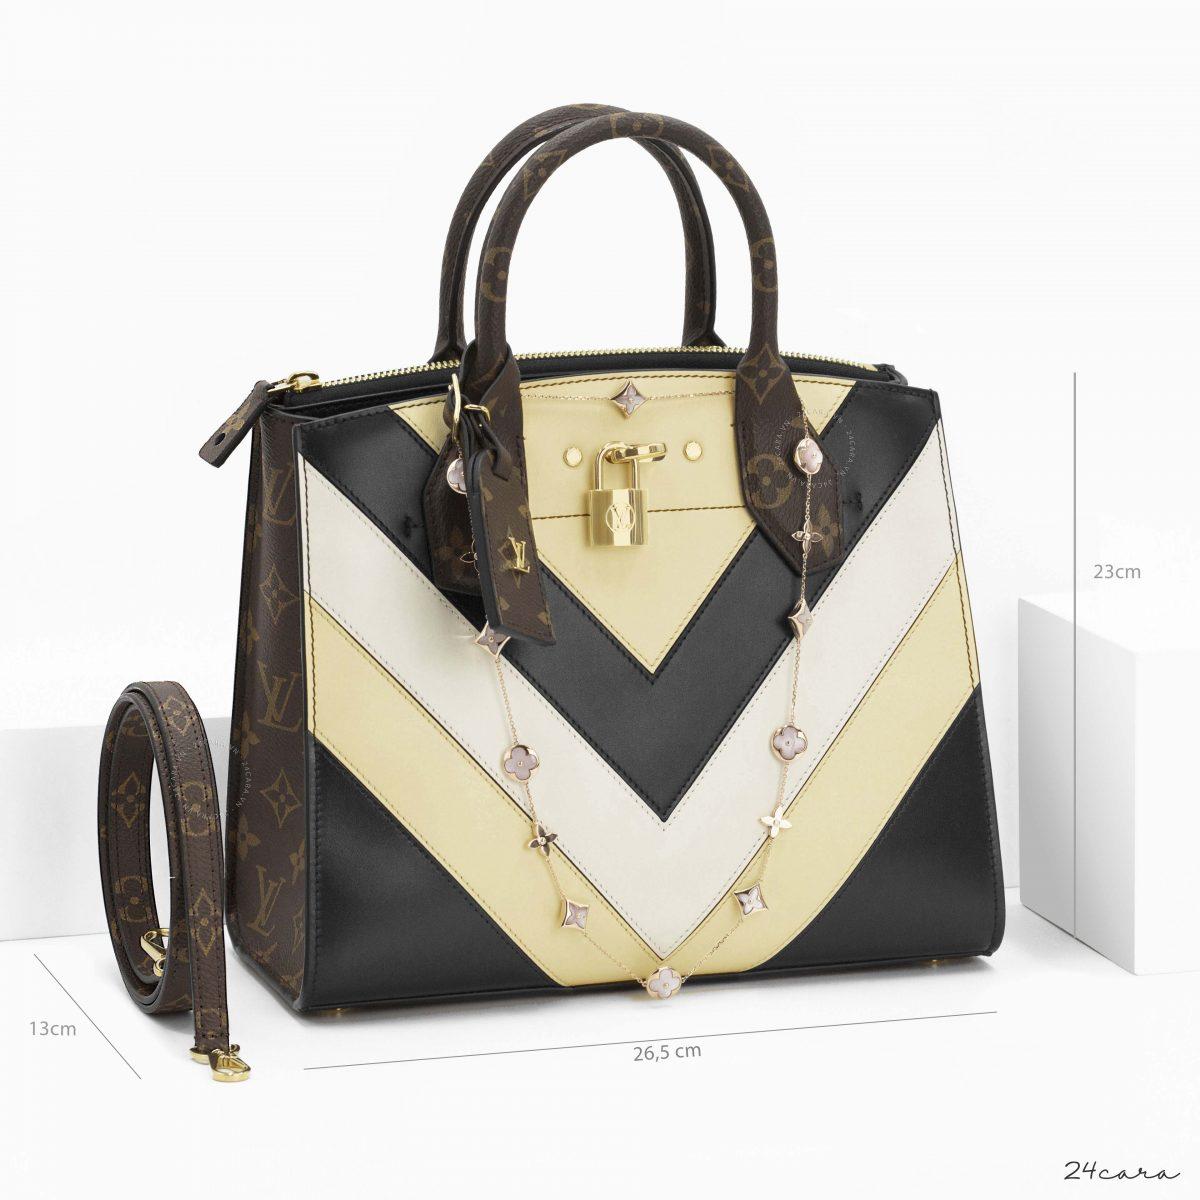 Đặc điểm khiến túi xách Louis Vuitton đắt đỏ như vậy?